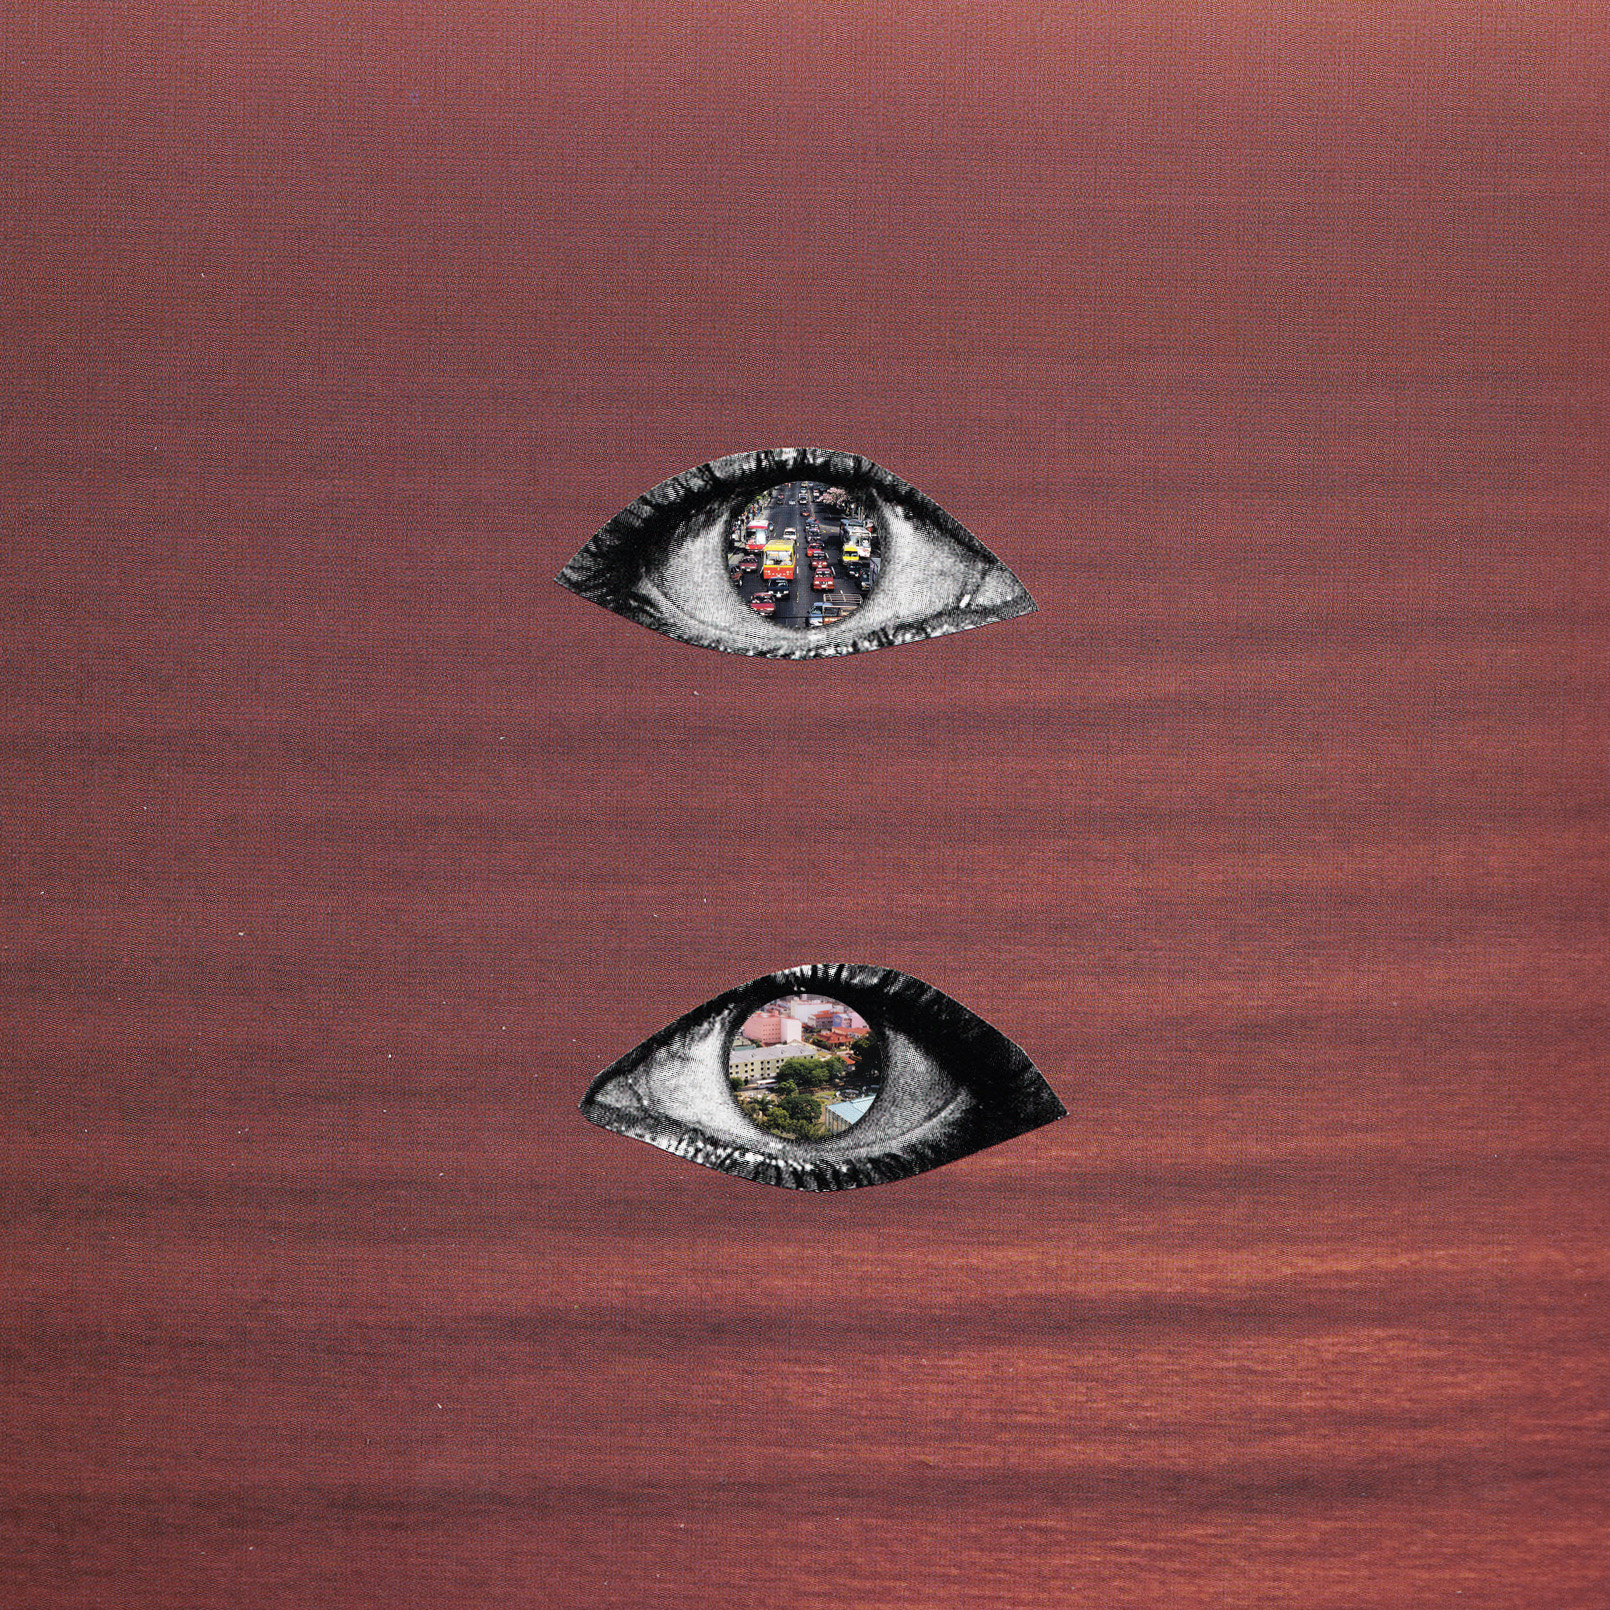 """portada de """"Elsewhere"""". todas las imágenes son cortesía de For Now, collages realizados por Isabel Crespo."""